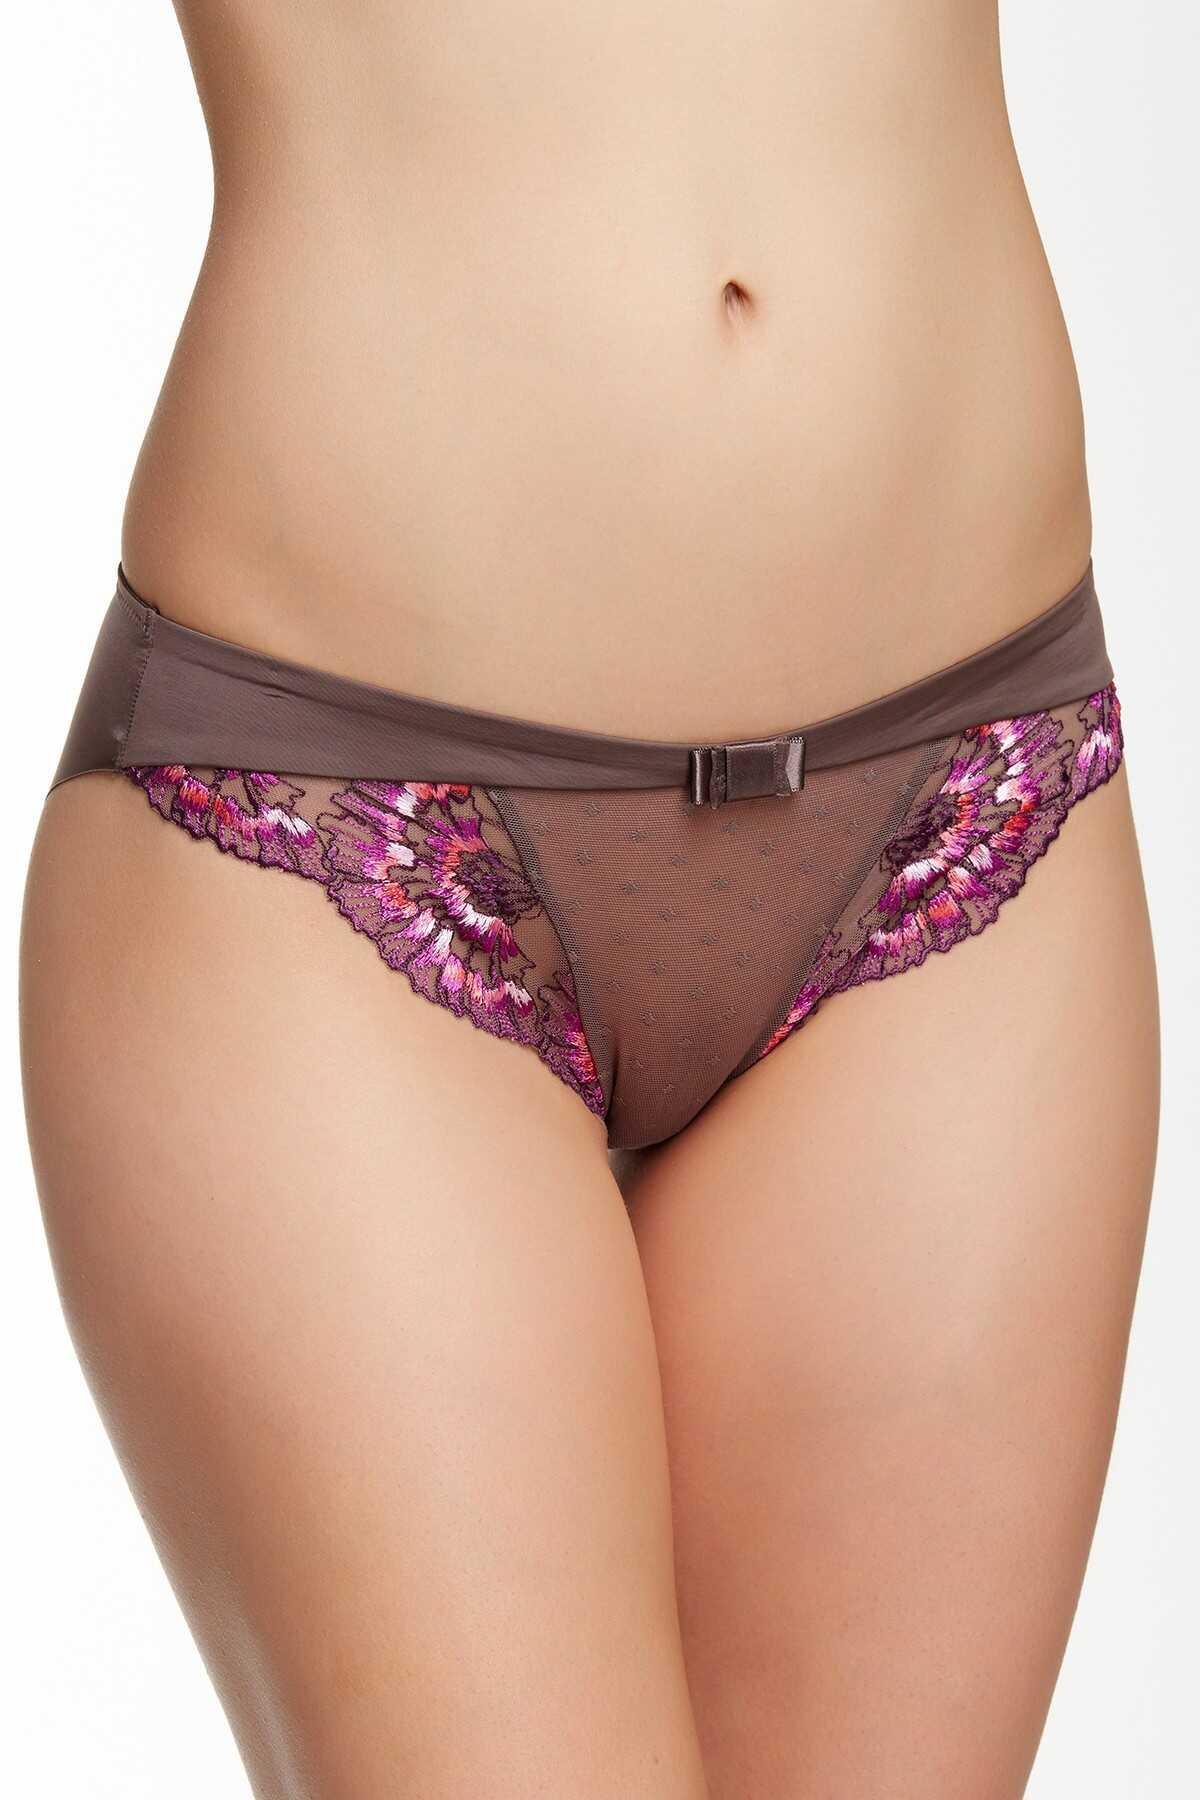 Wacoal Dahlia Bikini Underwear* Cocoa